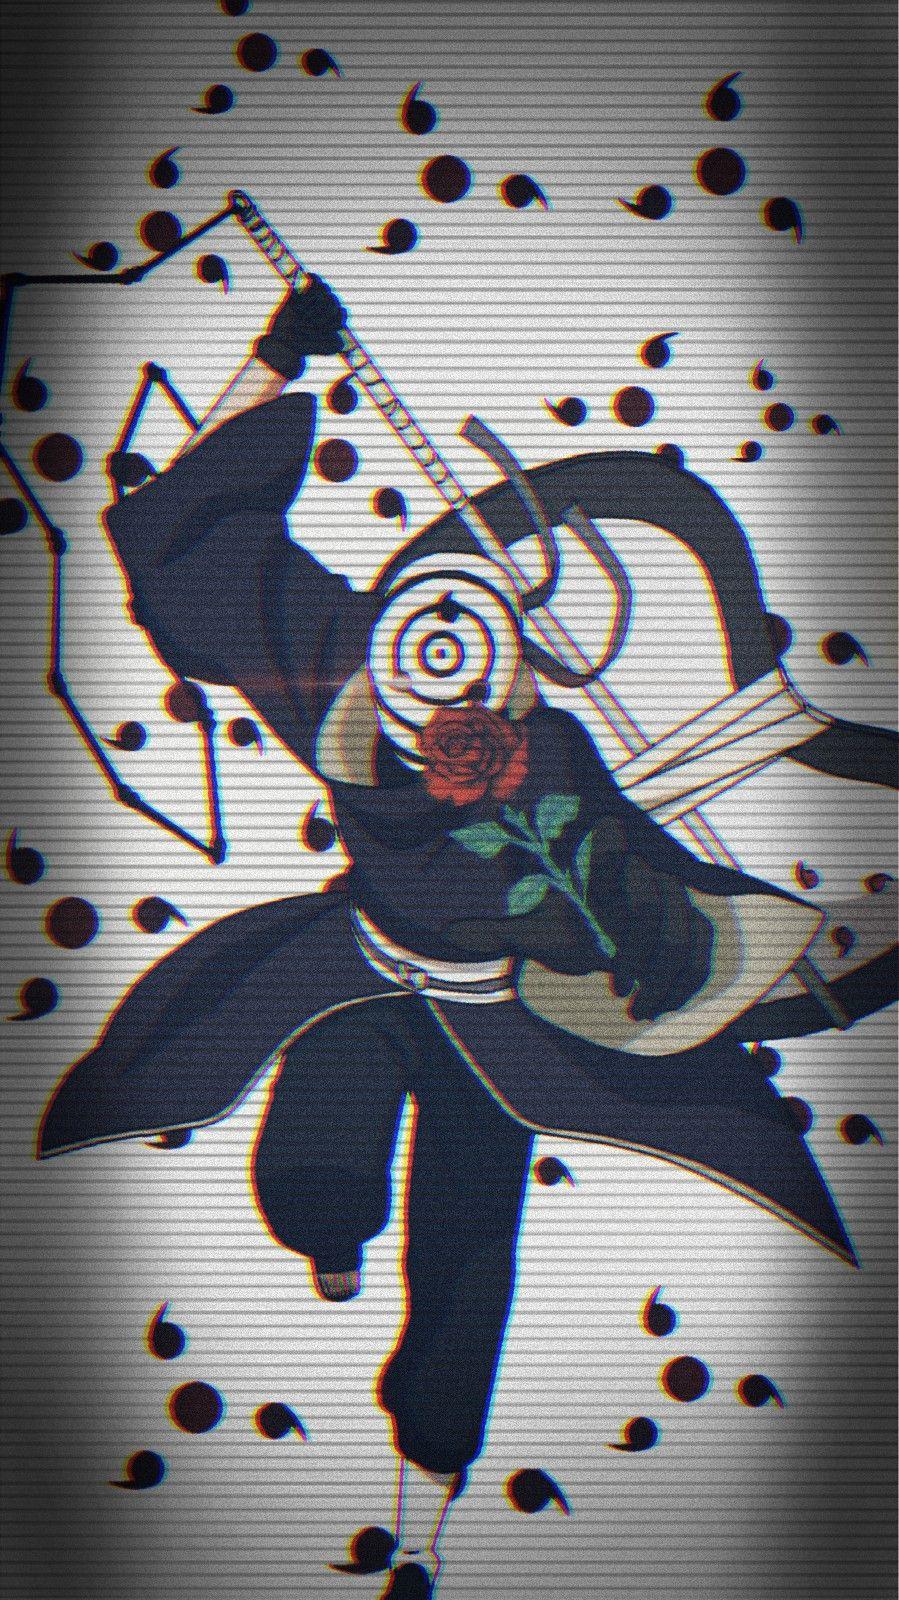 Obito Naruto Anime Wallpaper Tumblr At Rek98 Floweredtion